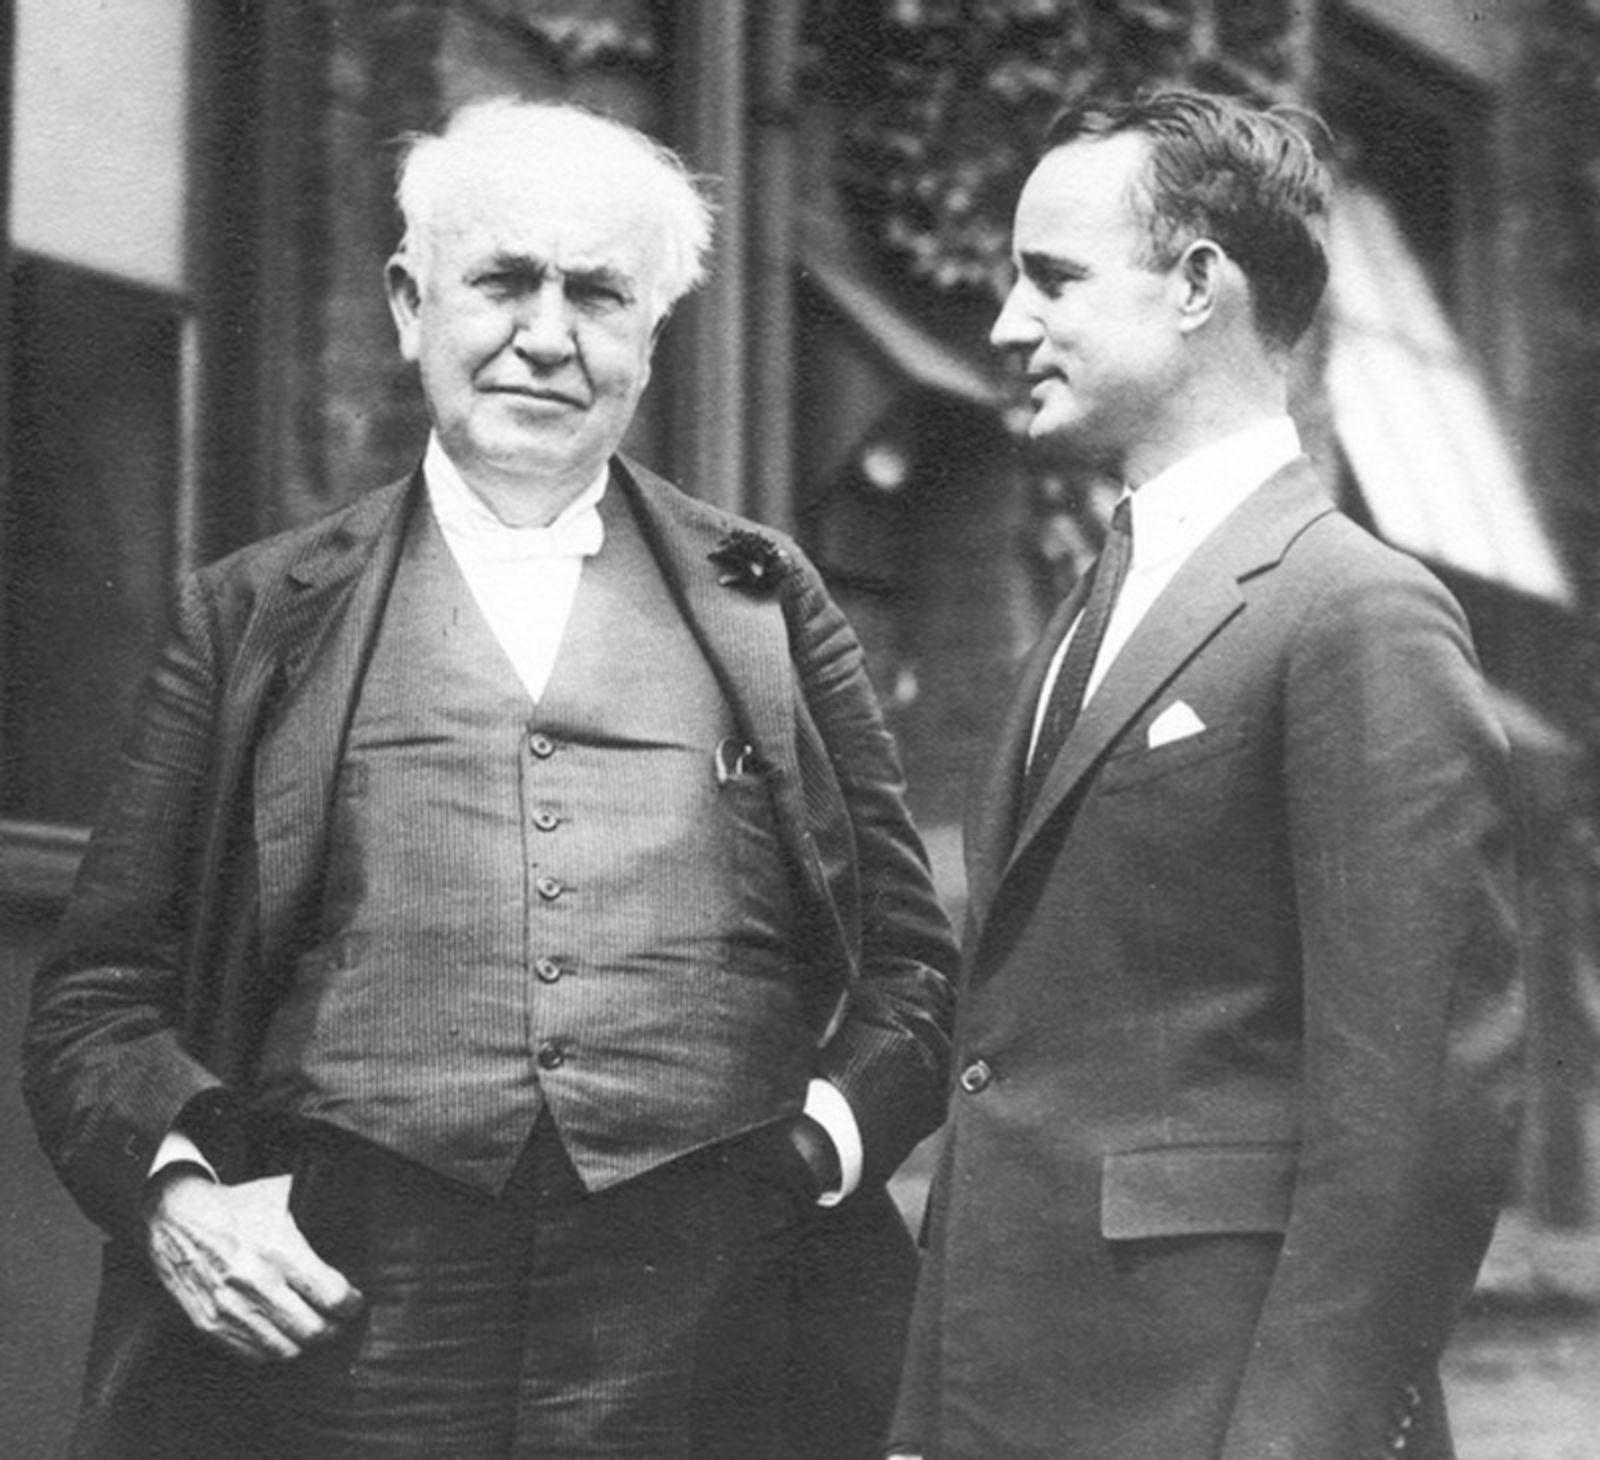 Томас Эдисон и Наполеон Хилл, 1923 год.